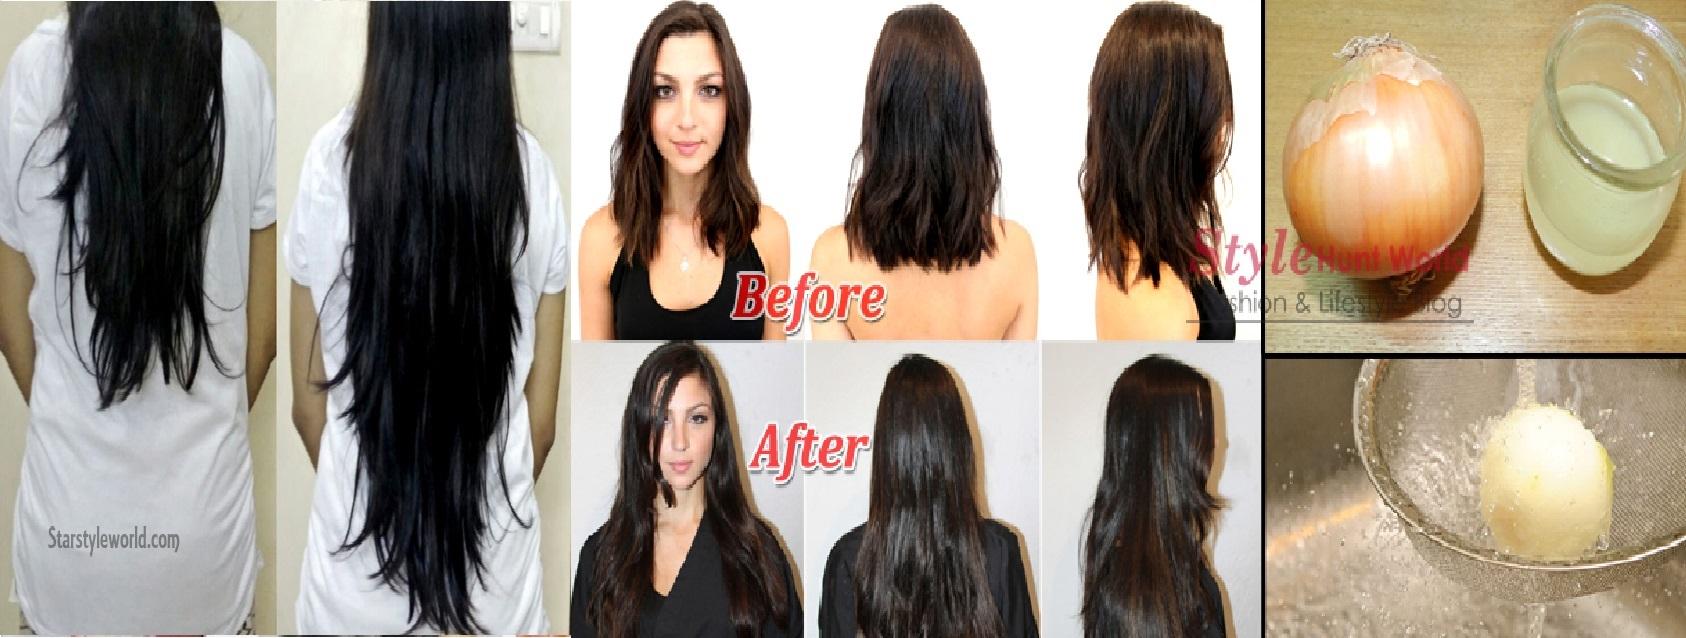 recette de jus d 39 oignon pour des cheveux magnifiques et plus longs coiffure simple et facile. Black Bedroom Furniture Sets. Home Design Ideas